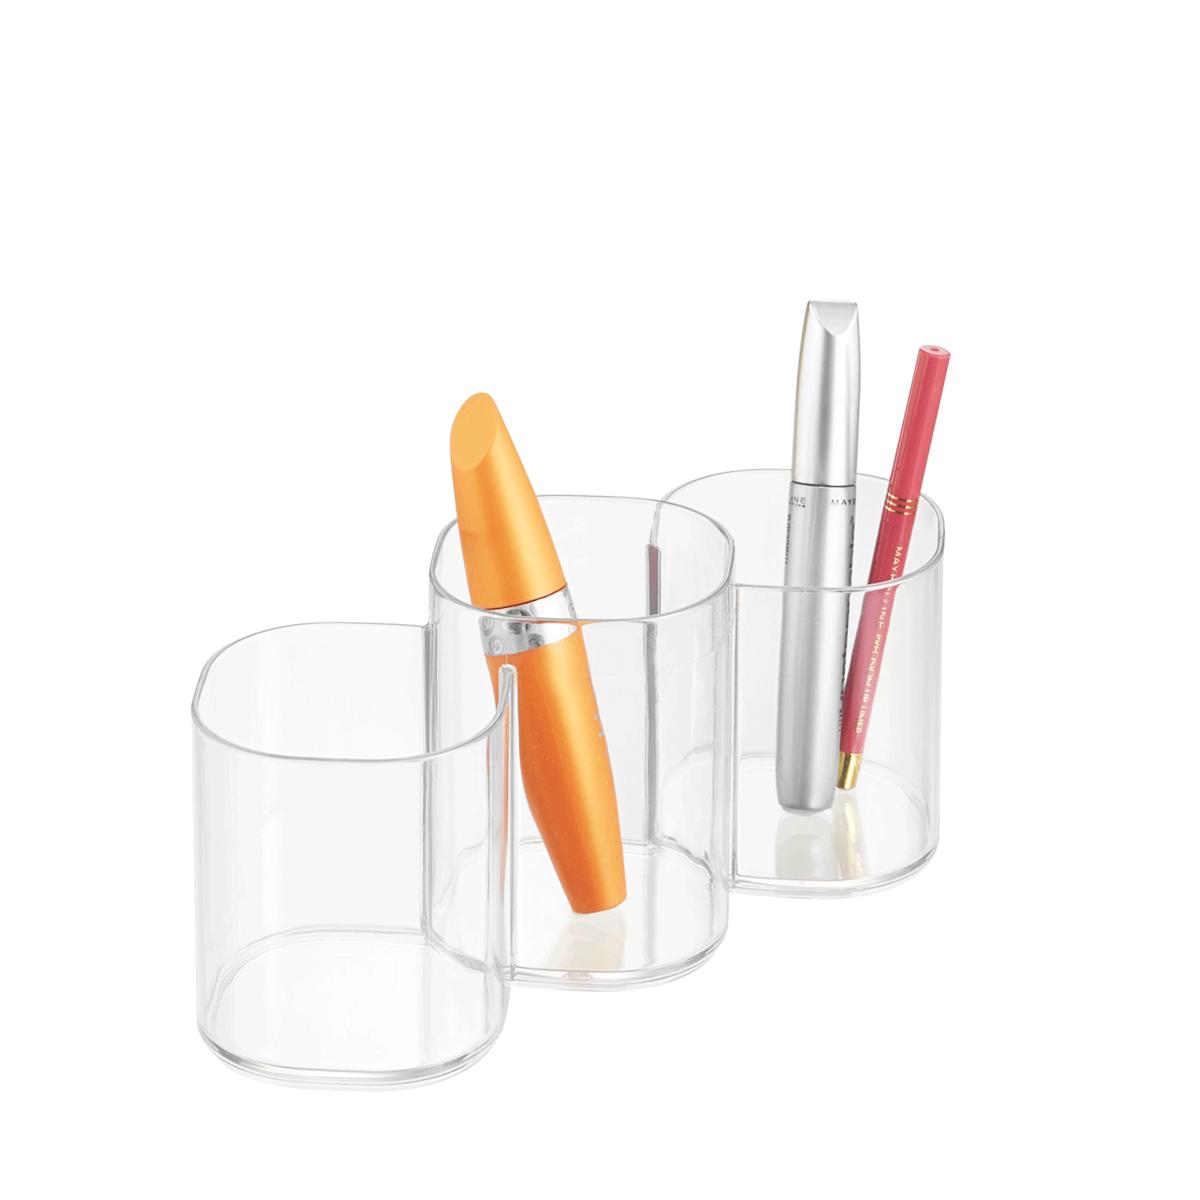 Pots de rangement maquillage acrylique - Rangement acrylique maquillage ...